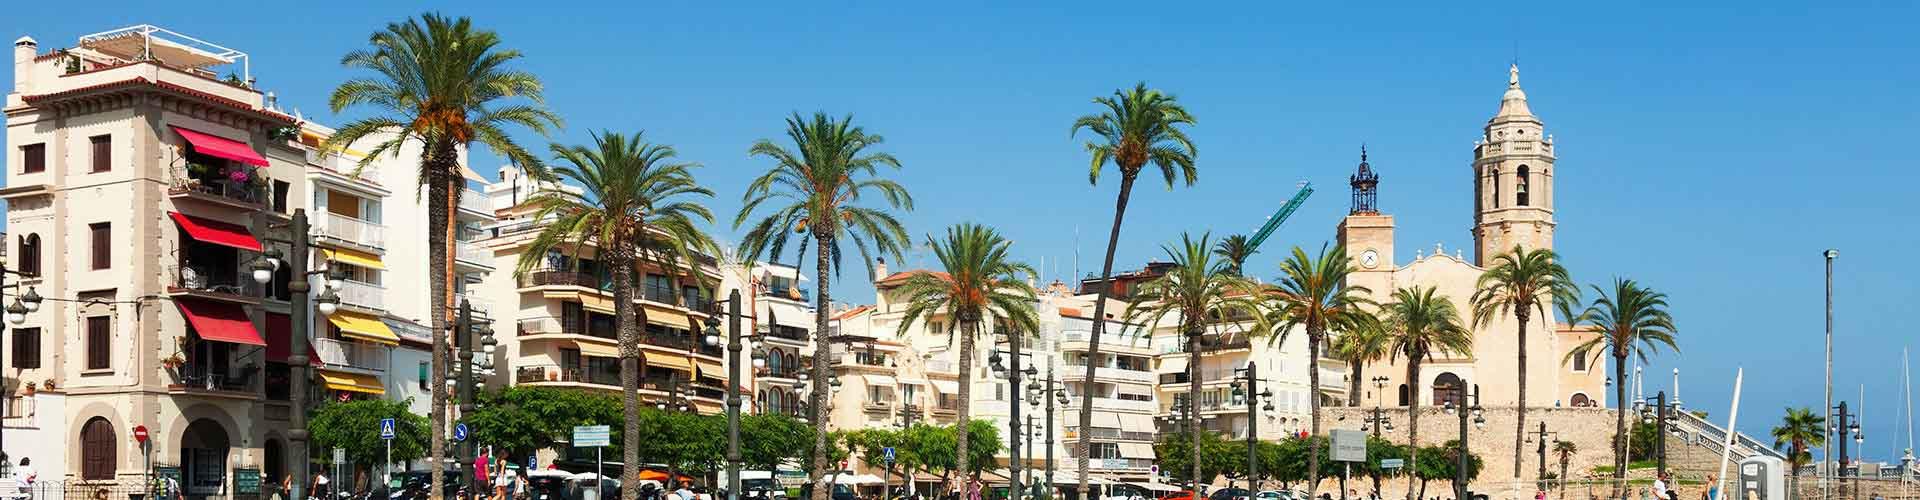 Sitges - Hostales en Sitges. Mapas de Sitges, Fotos y comentarios de cada Hostal en Sitges.